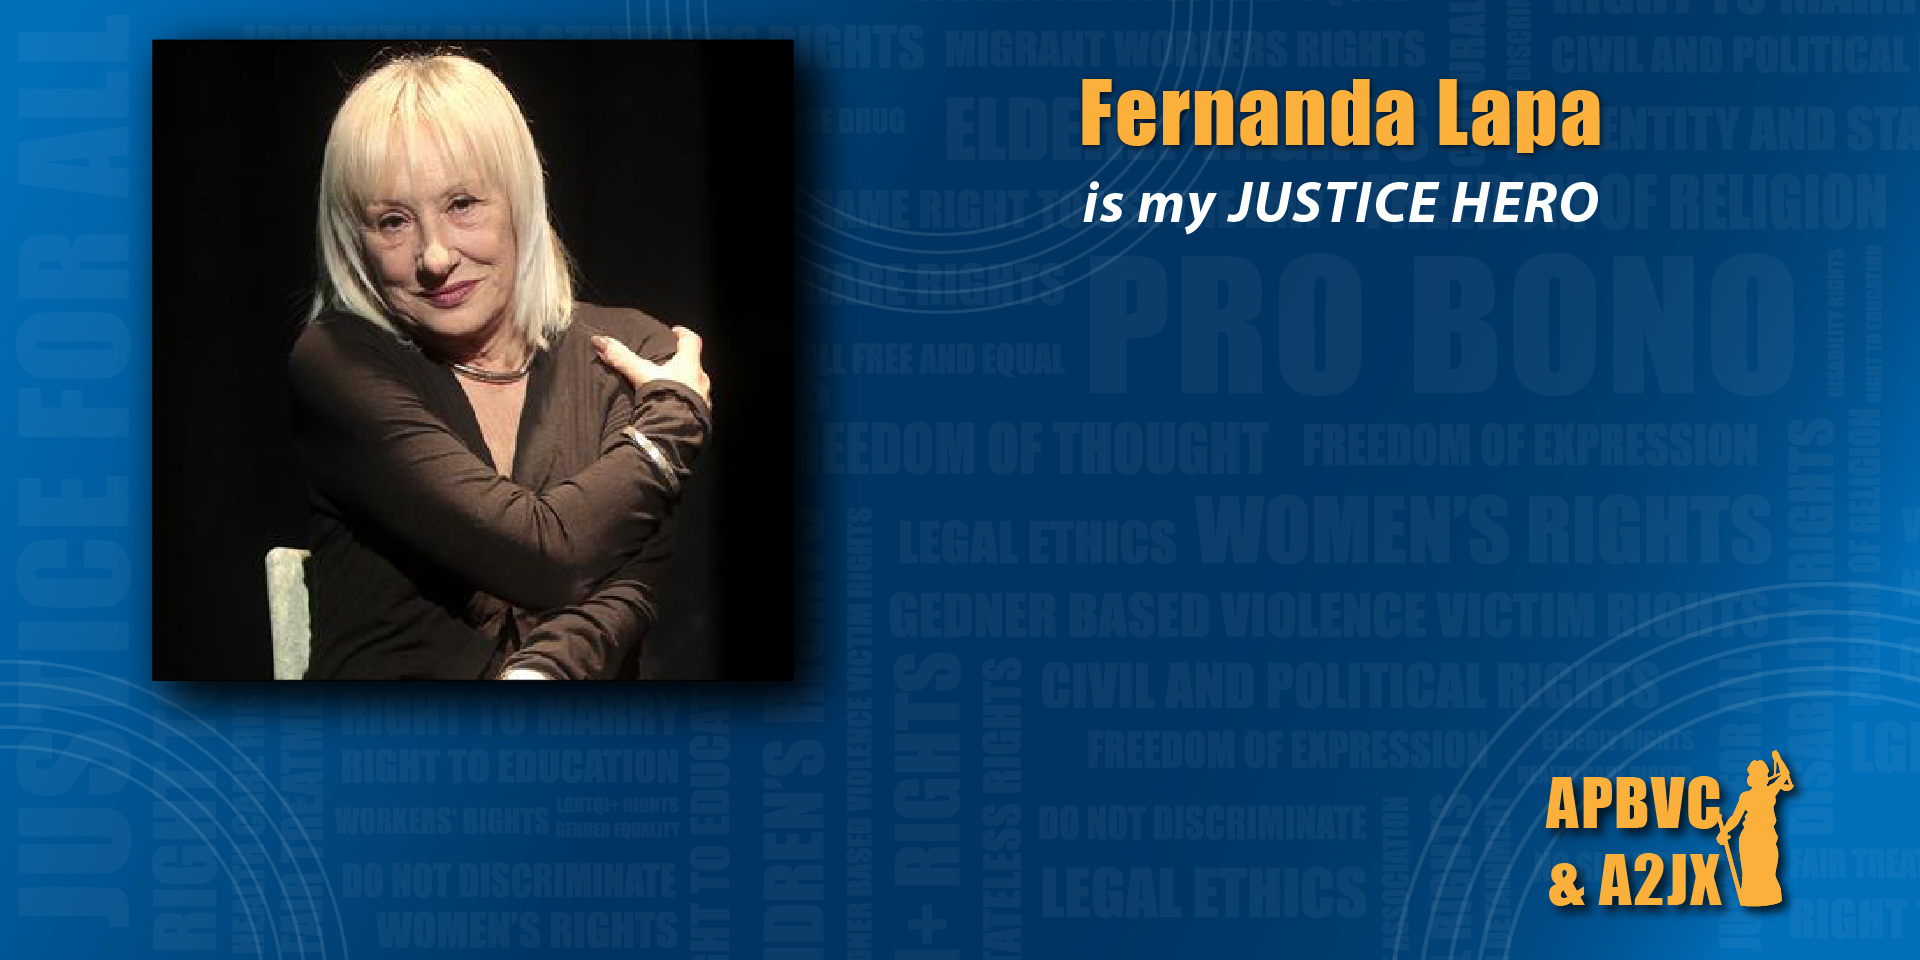 Fernanda Lapa